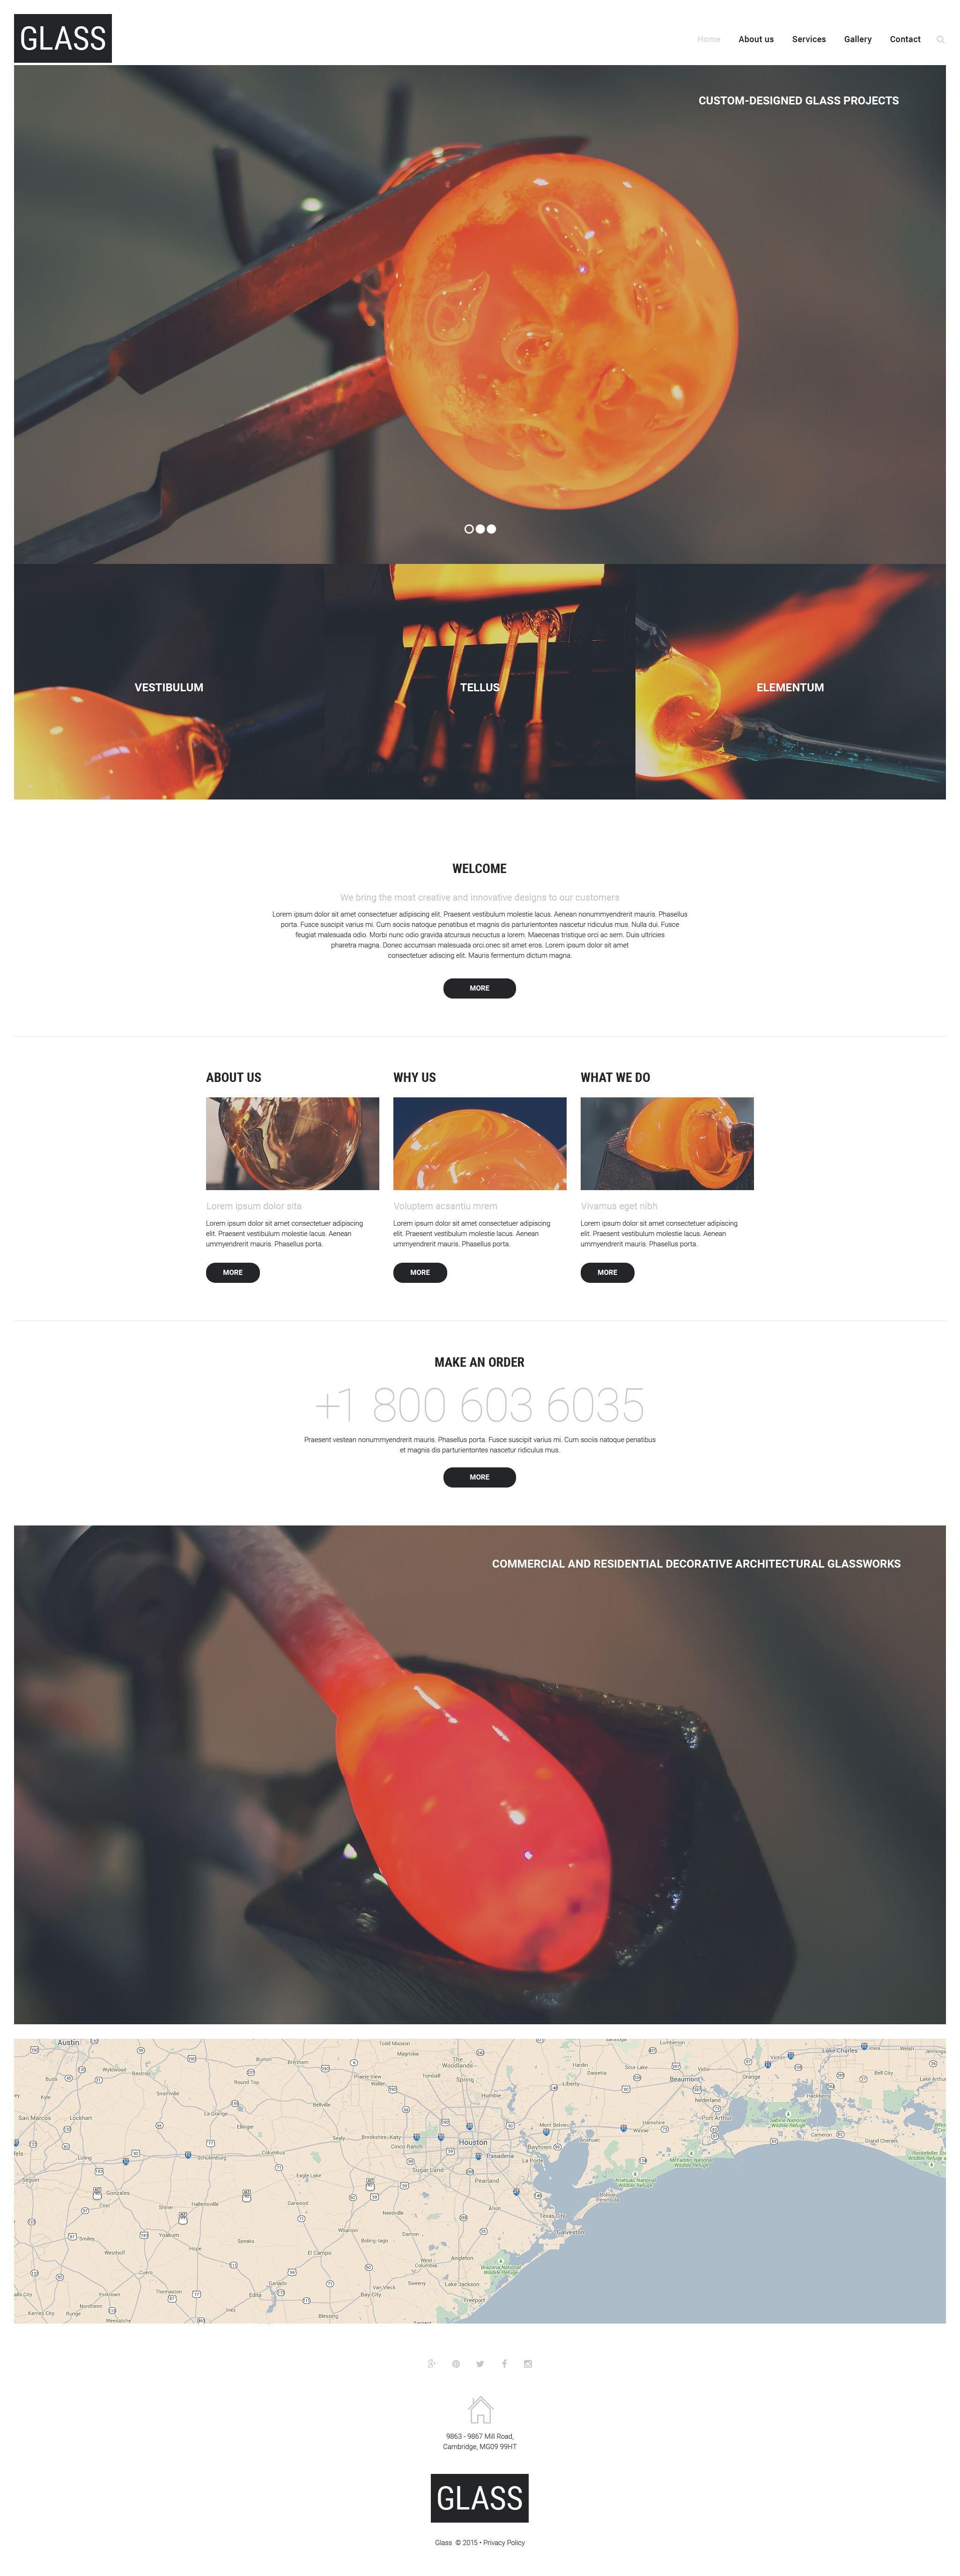 Glass Website Template - screenshot